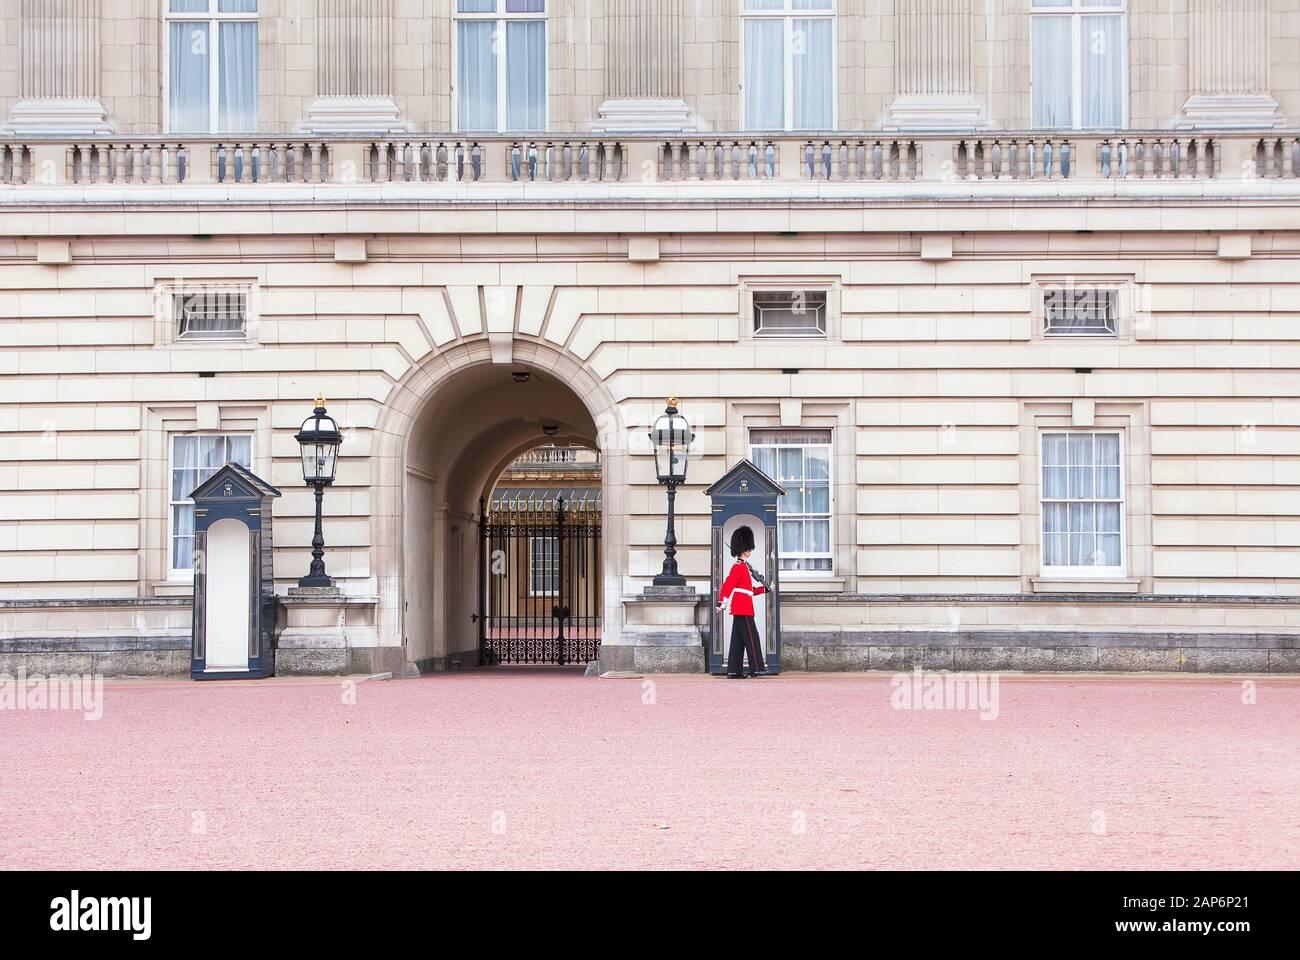 El cambio de guardia, el Palacio de Buckingham, Londres, Inglaterra, Reino Unido. Foto de stock